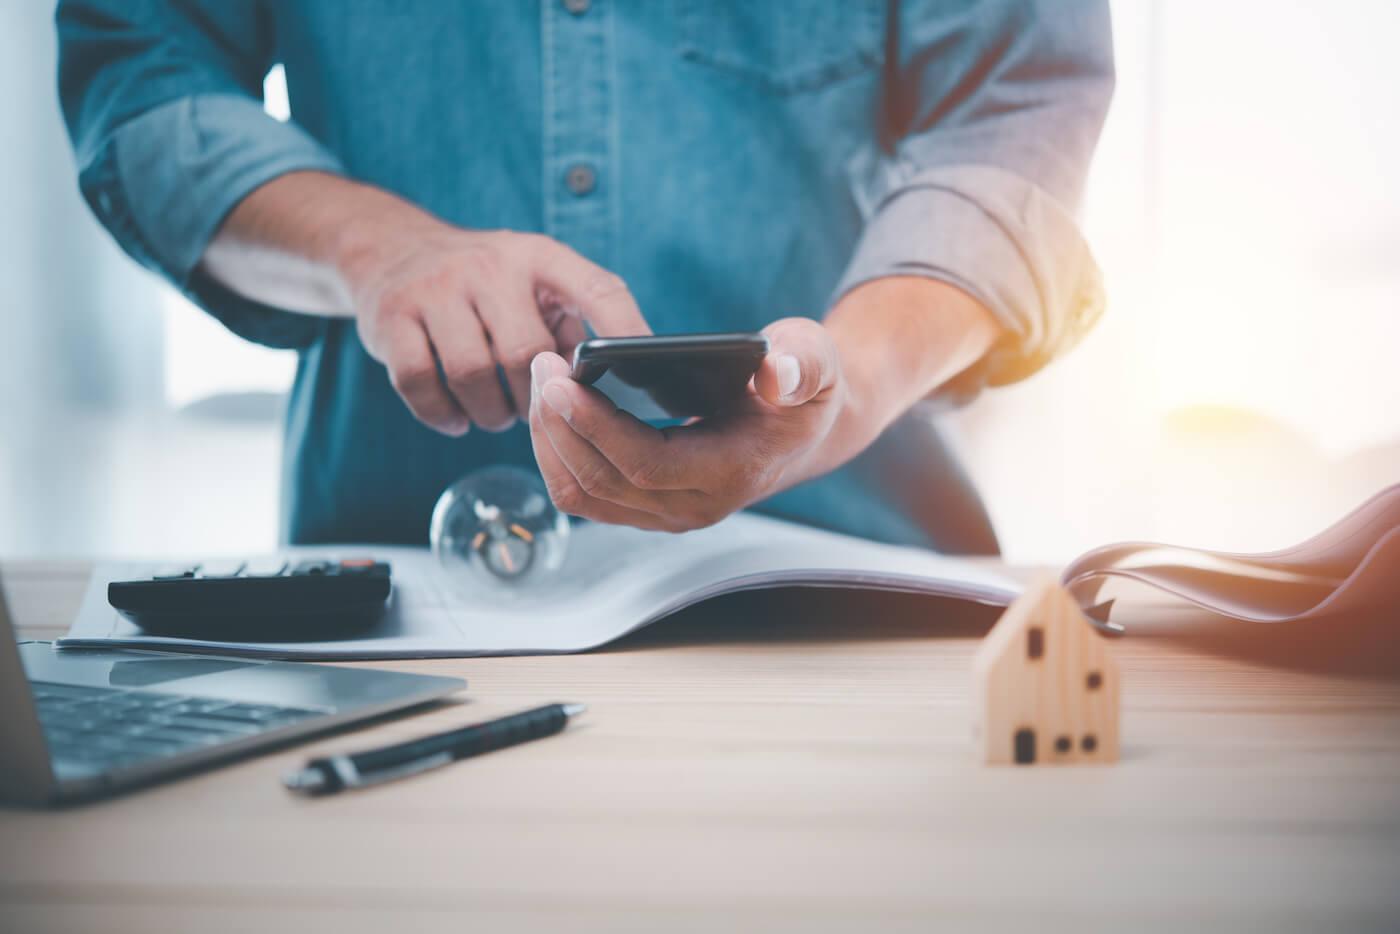 Mann mit Smartphonerechner ermittelt Hauswert